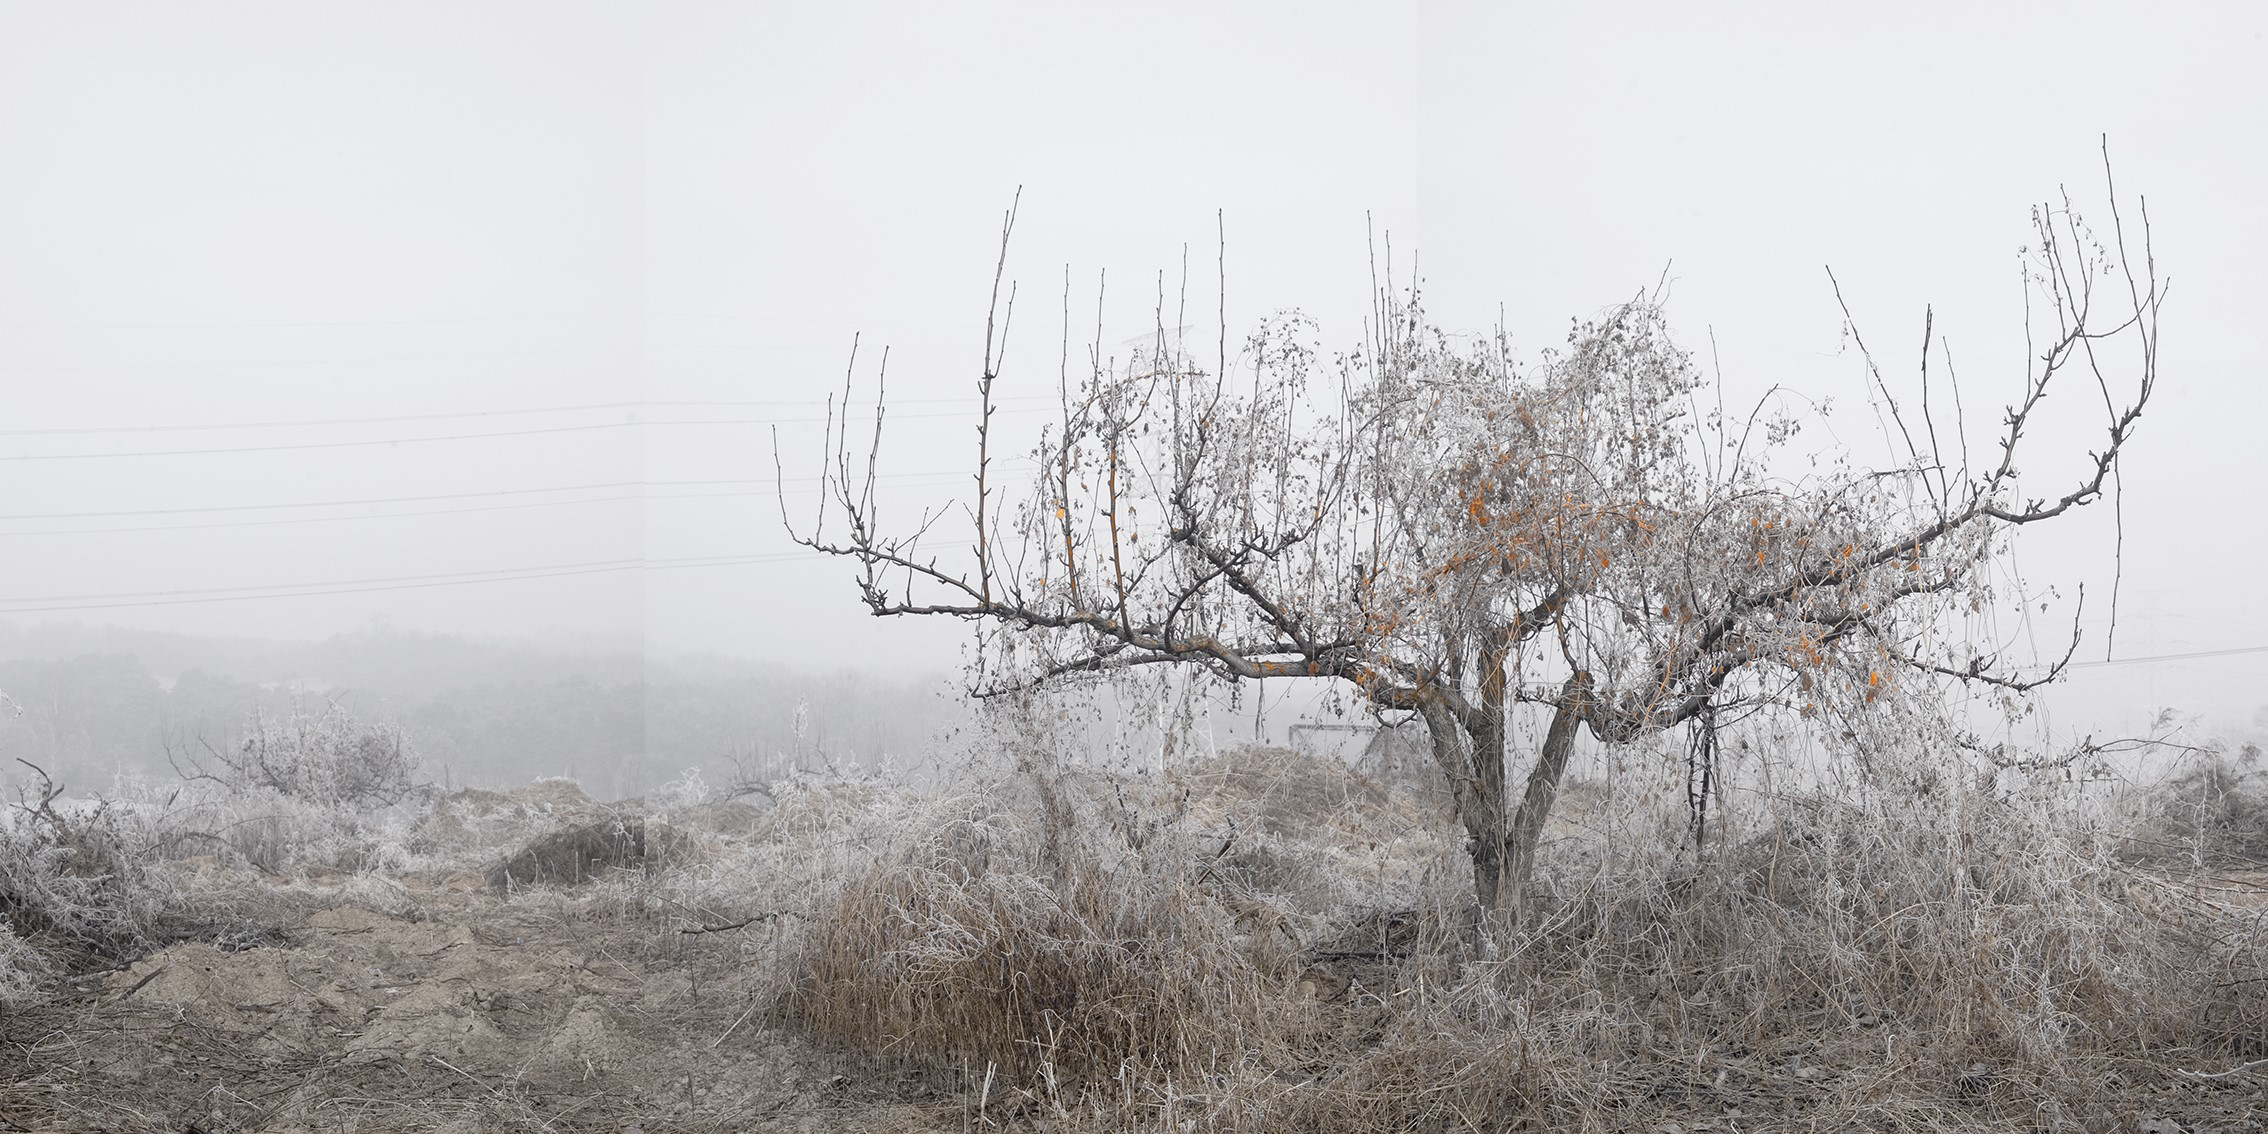 강홍구, 안개와 서리 17, 디지털 프린트, 98.5x178.5cm, 2011